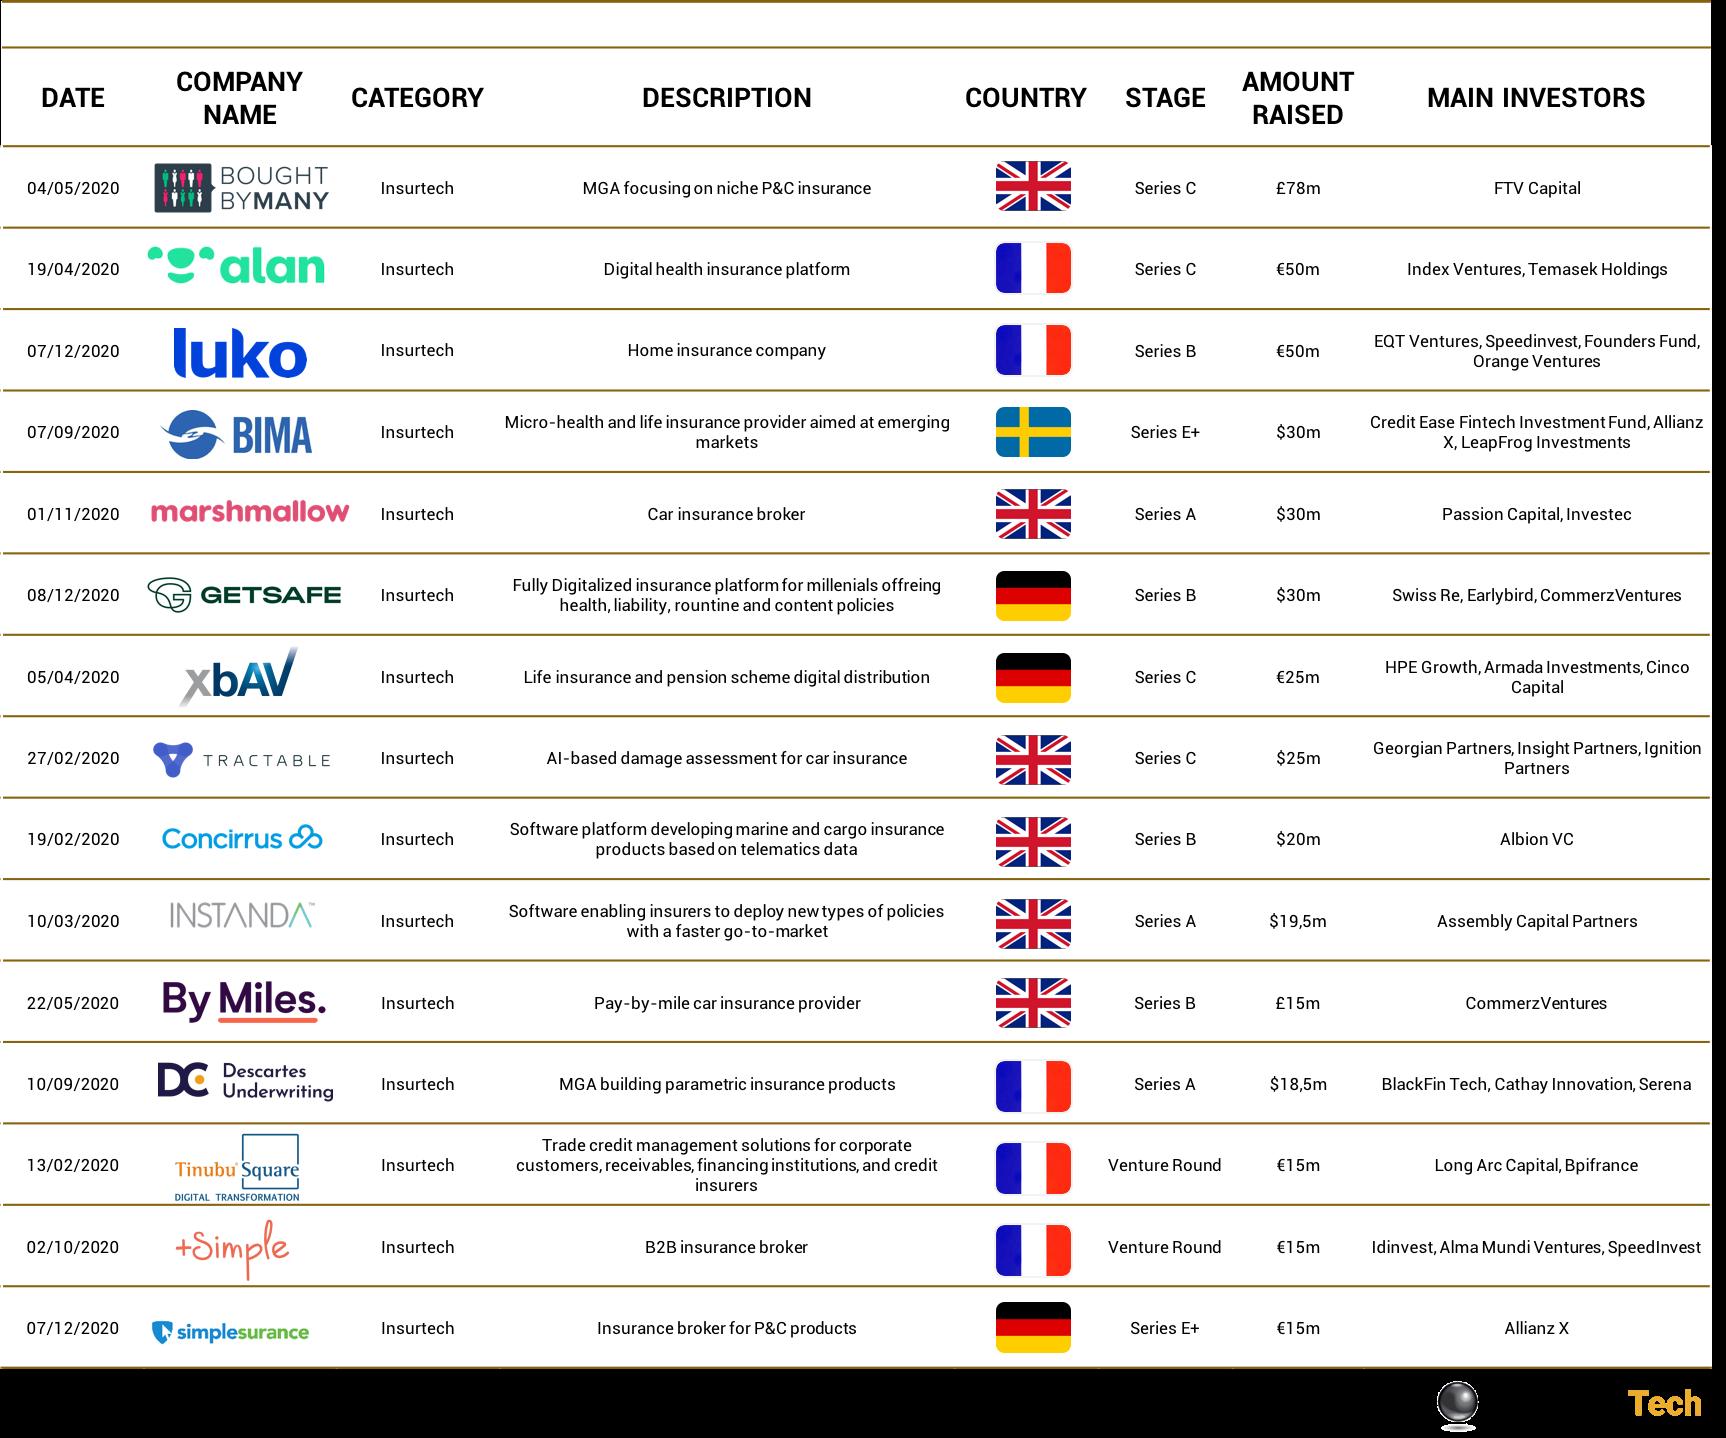 Top Insurtech deals Europe 2020